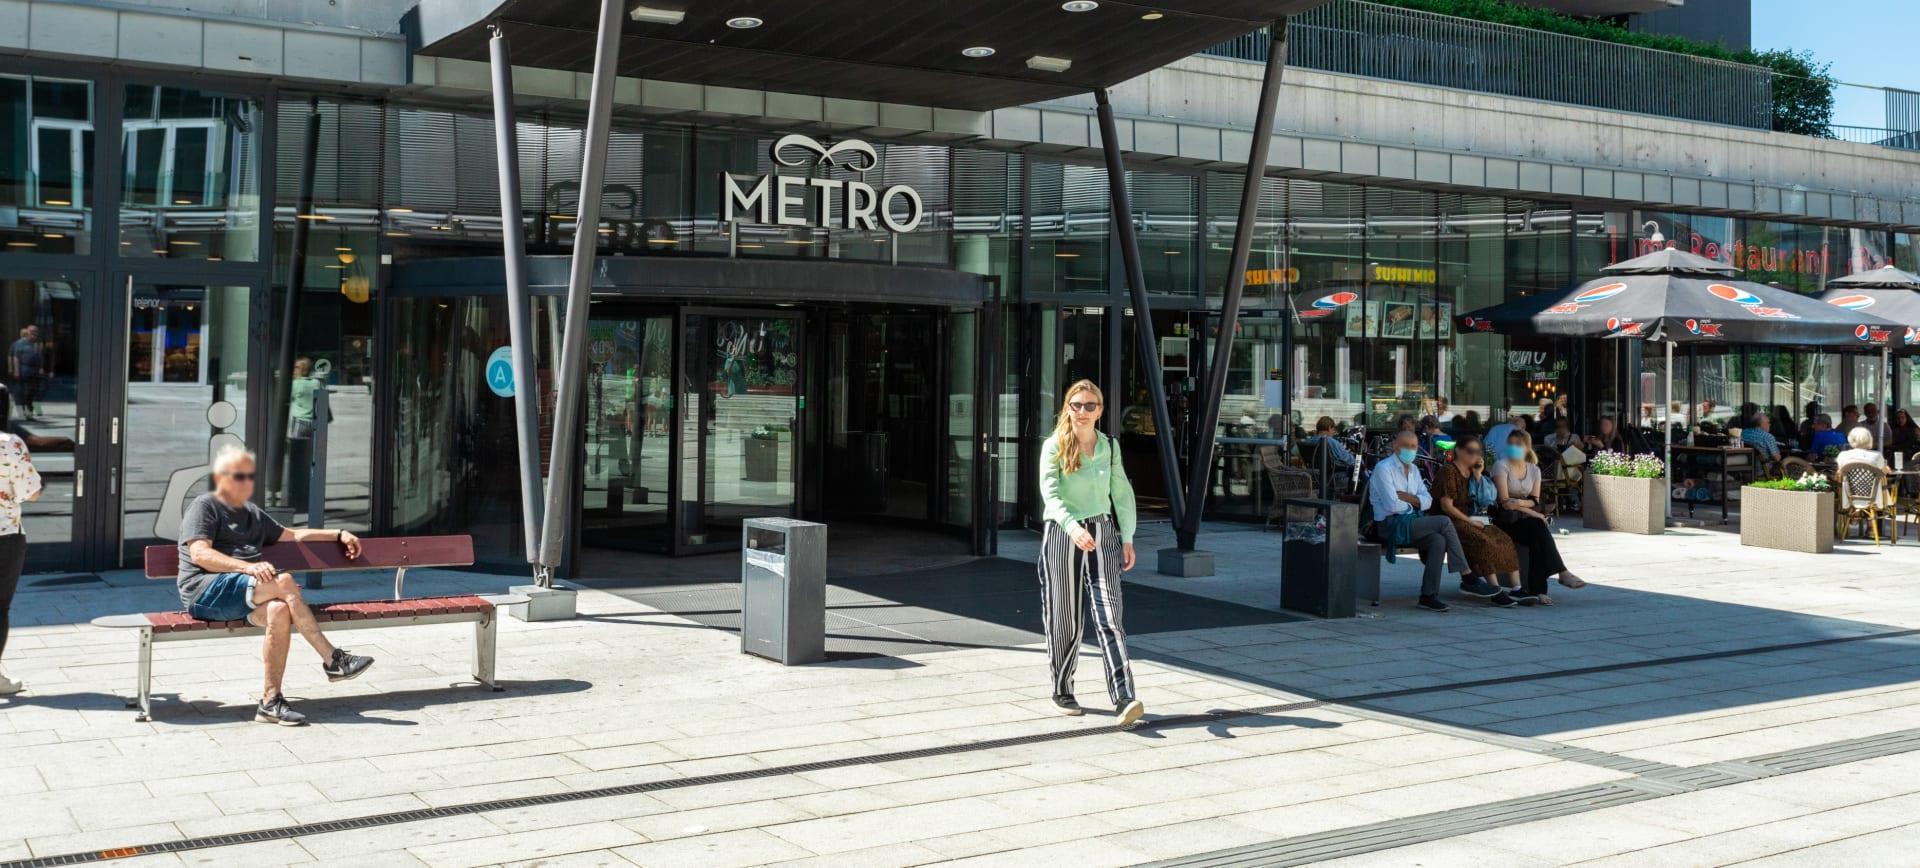 Metro senter ligger rett i nærheten.